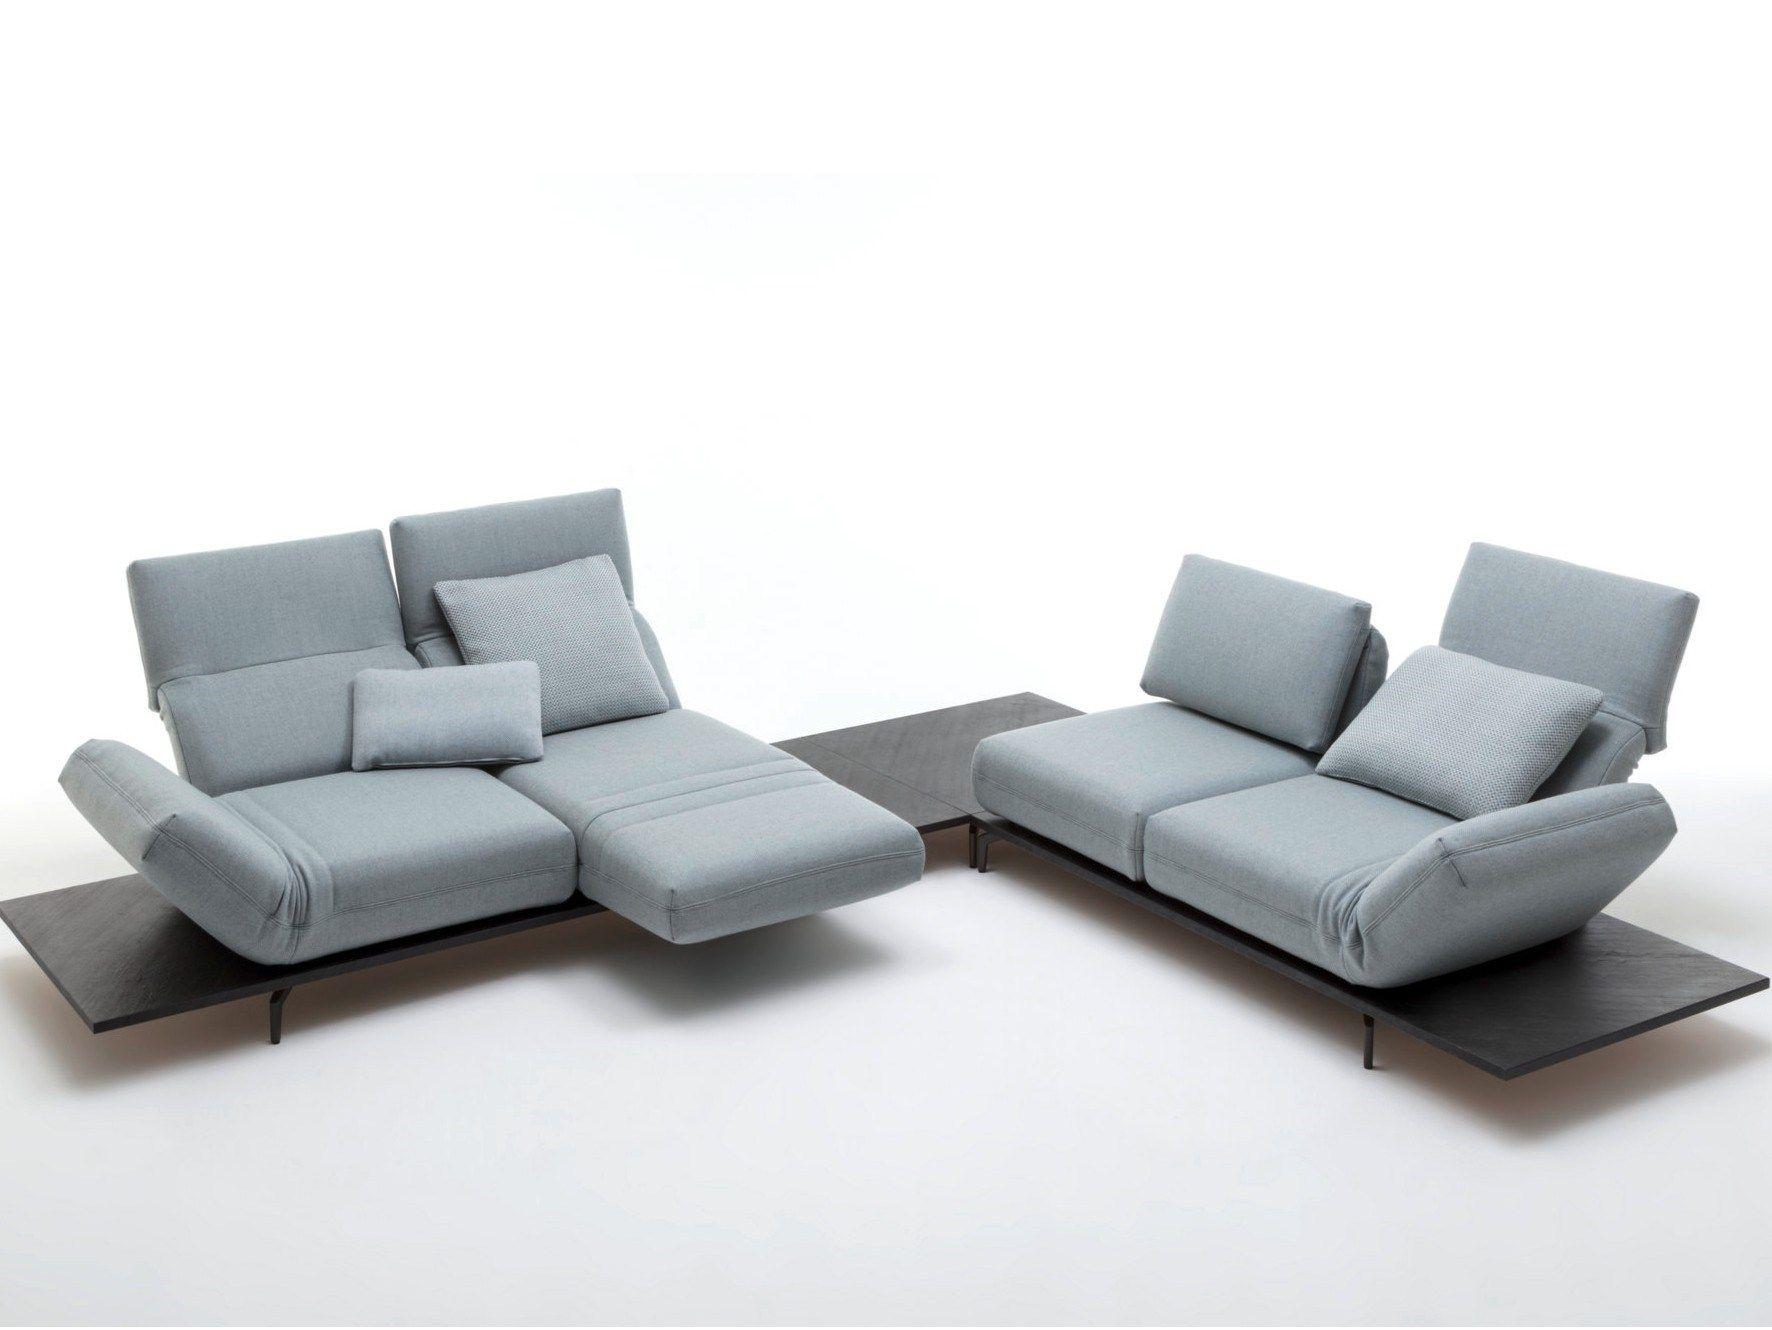 Aura Fabric Sofa By Rolf Benz Design Beck Design Fabric Sofa